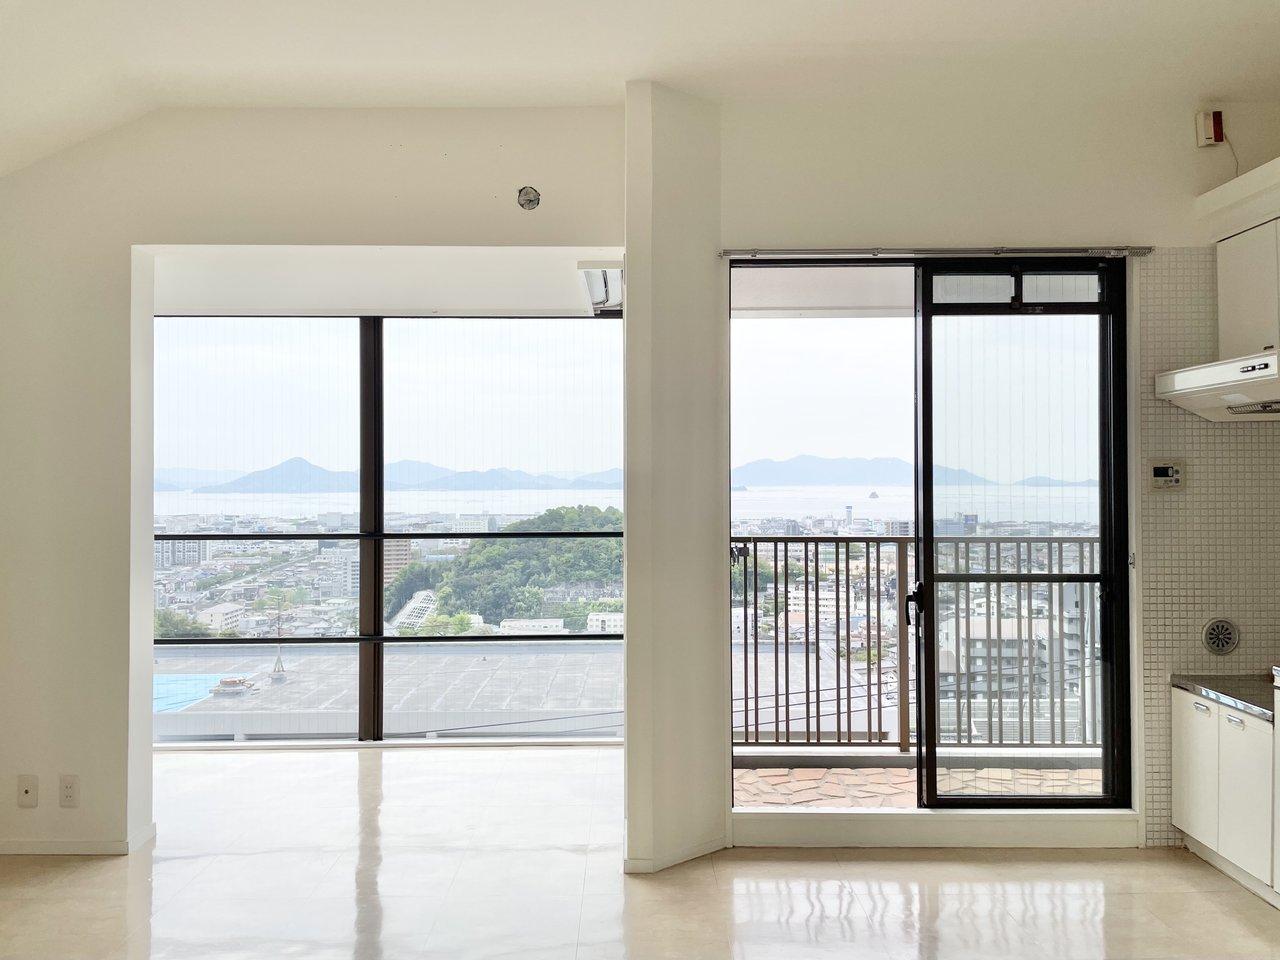 リノベーションで白を基調にしたナチュラルな内装に生まれ変わった2LDK。14畳のリビングに入ると、この眺めが待っています。眺望がいい上に、窓も大きい。まるで別荘に来たかのよう。